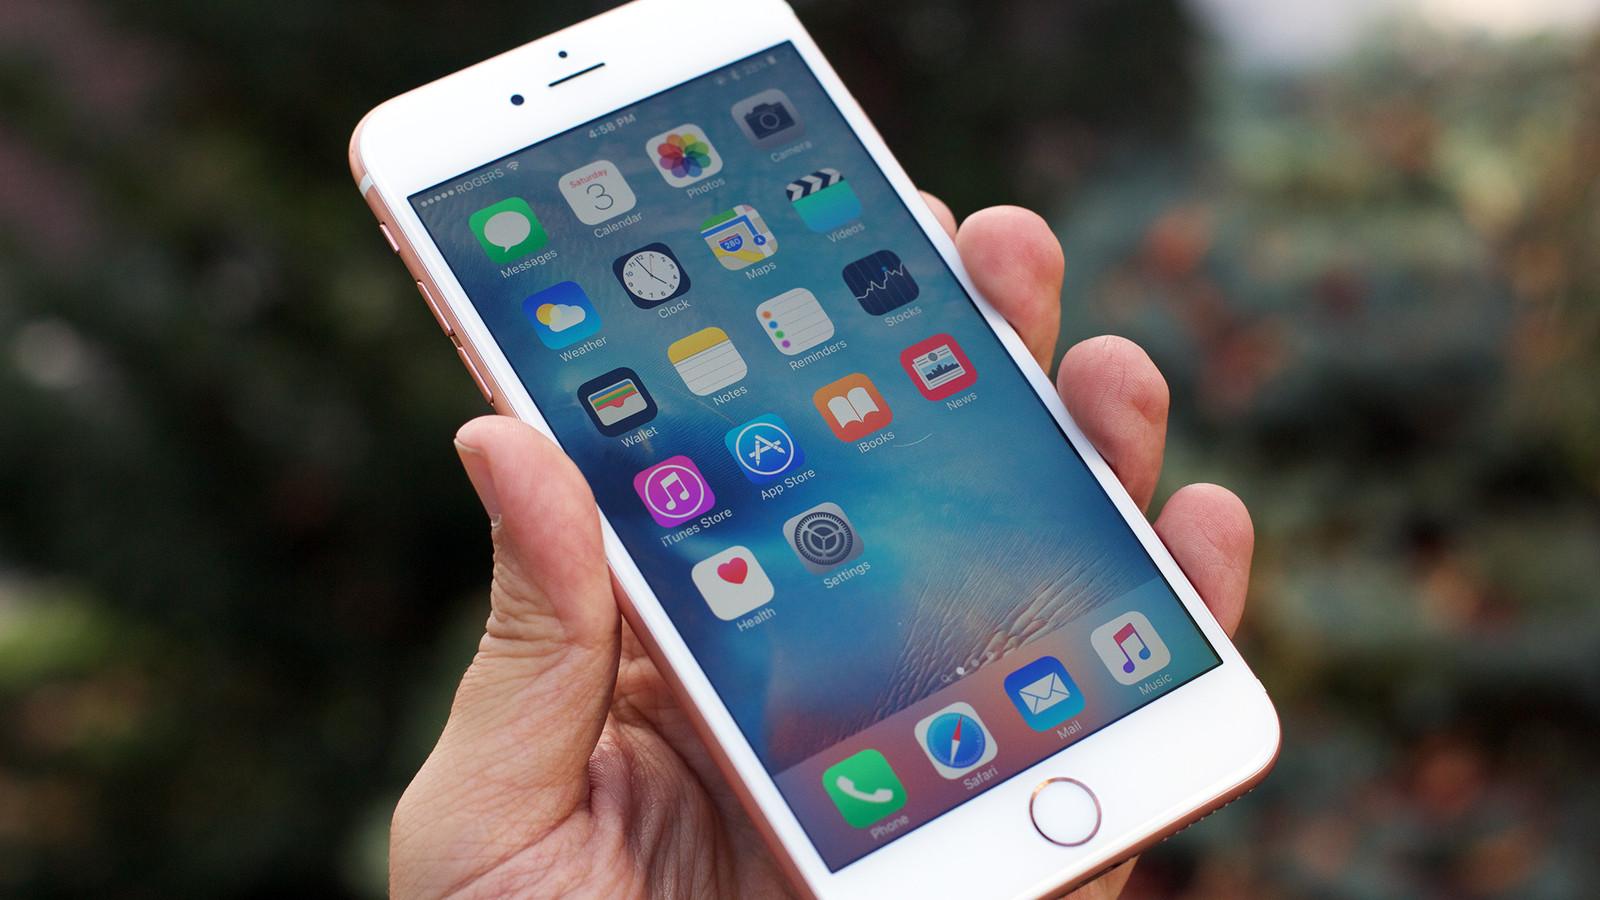 iphone 6s màu vàng hồng rose gold trên tay người dùng